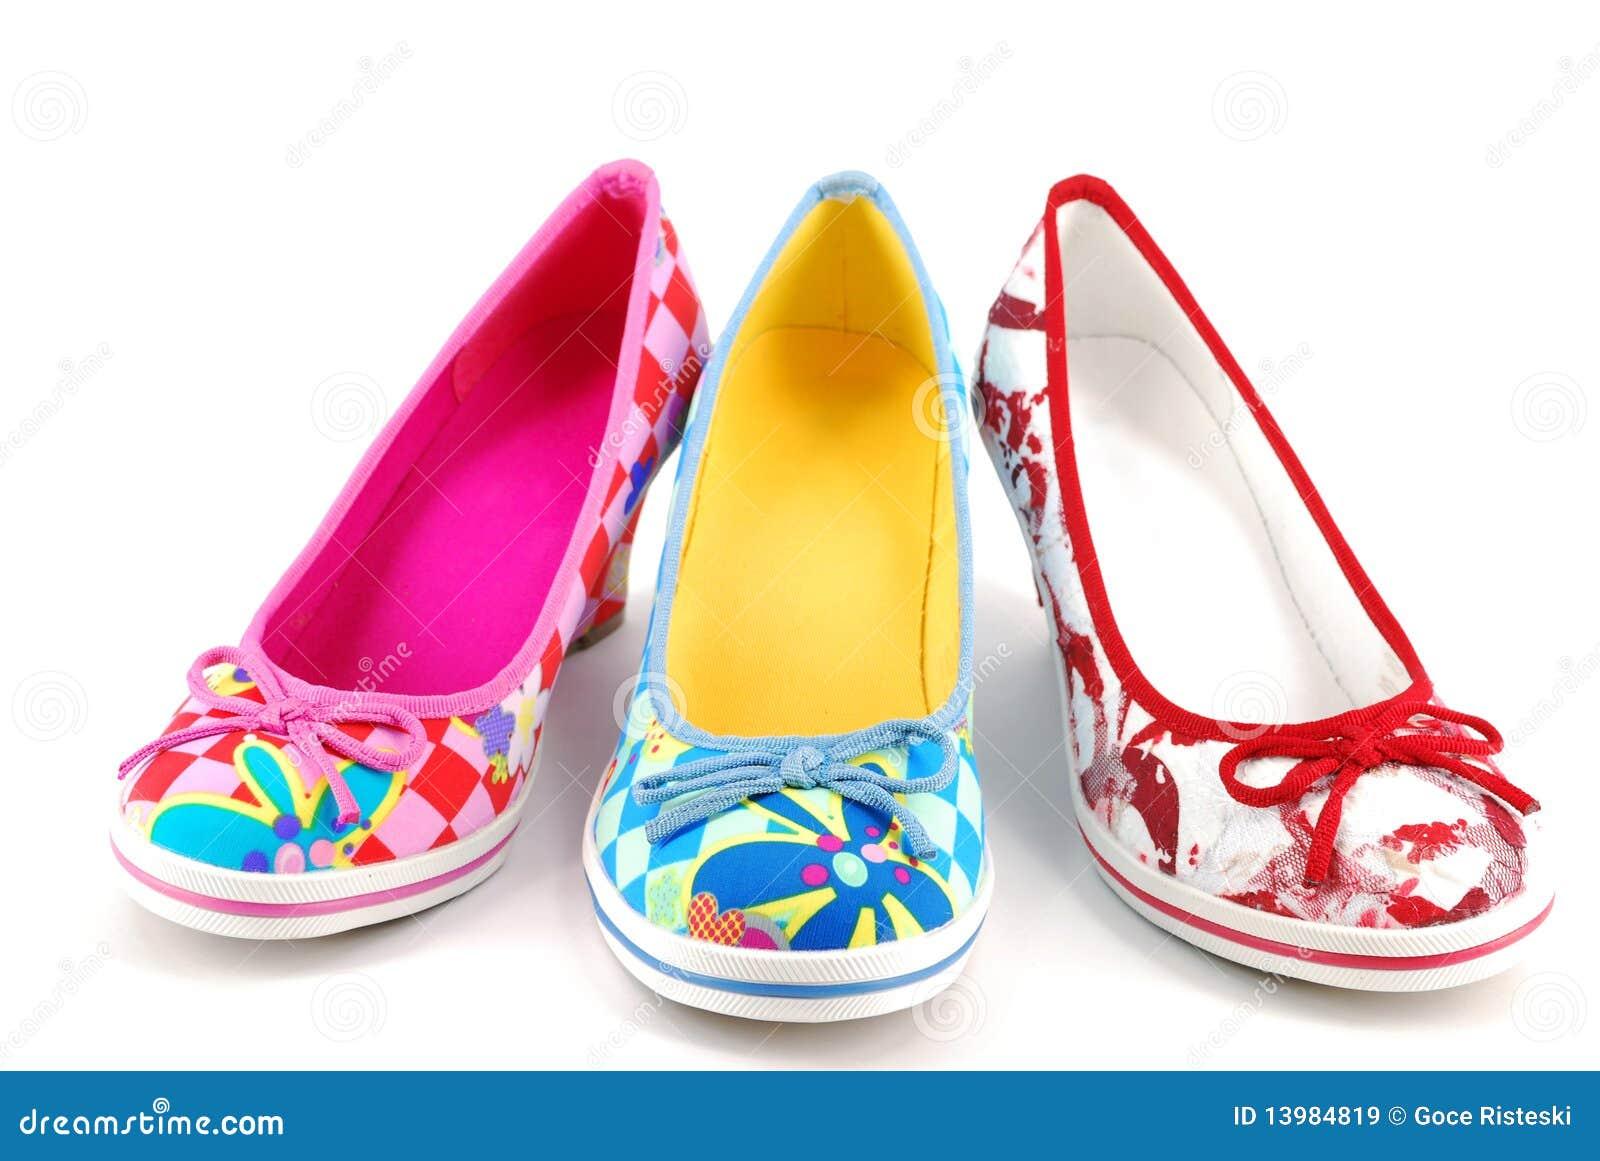 Femme Chaussures du Colorées stock Image Image De I7mgYvf6yb